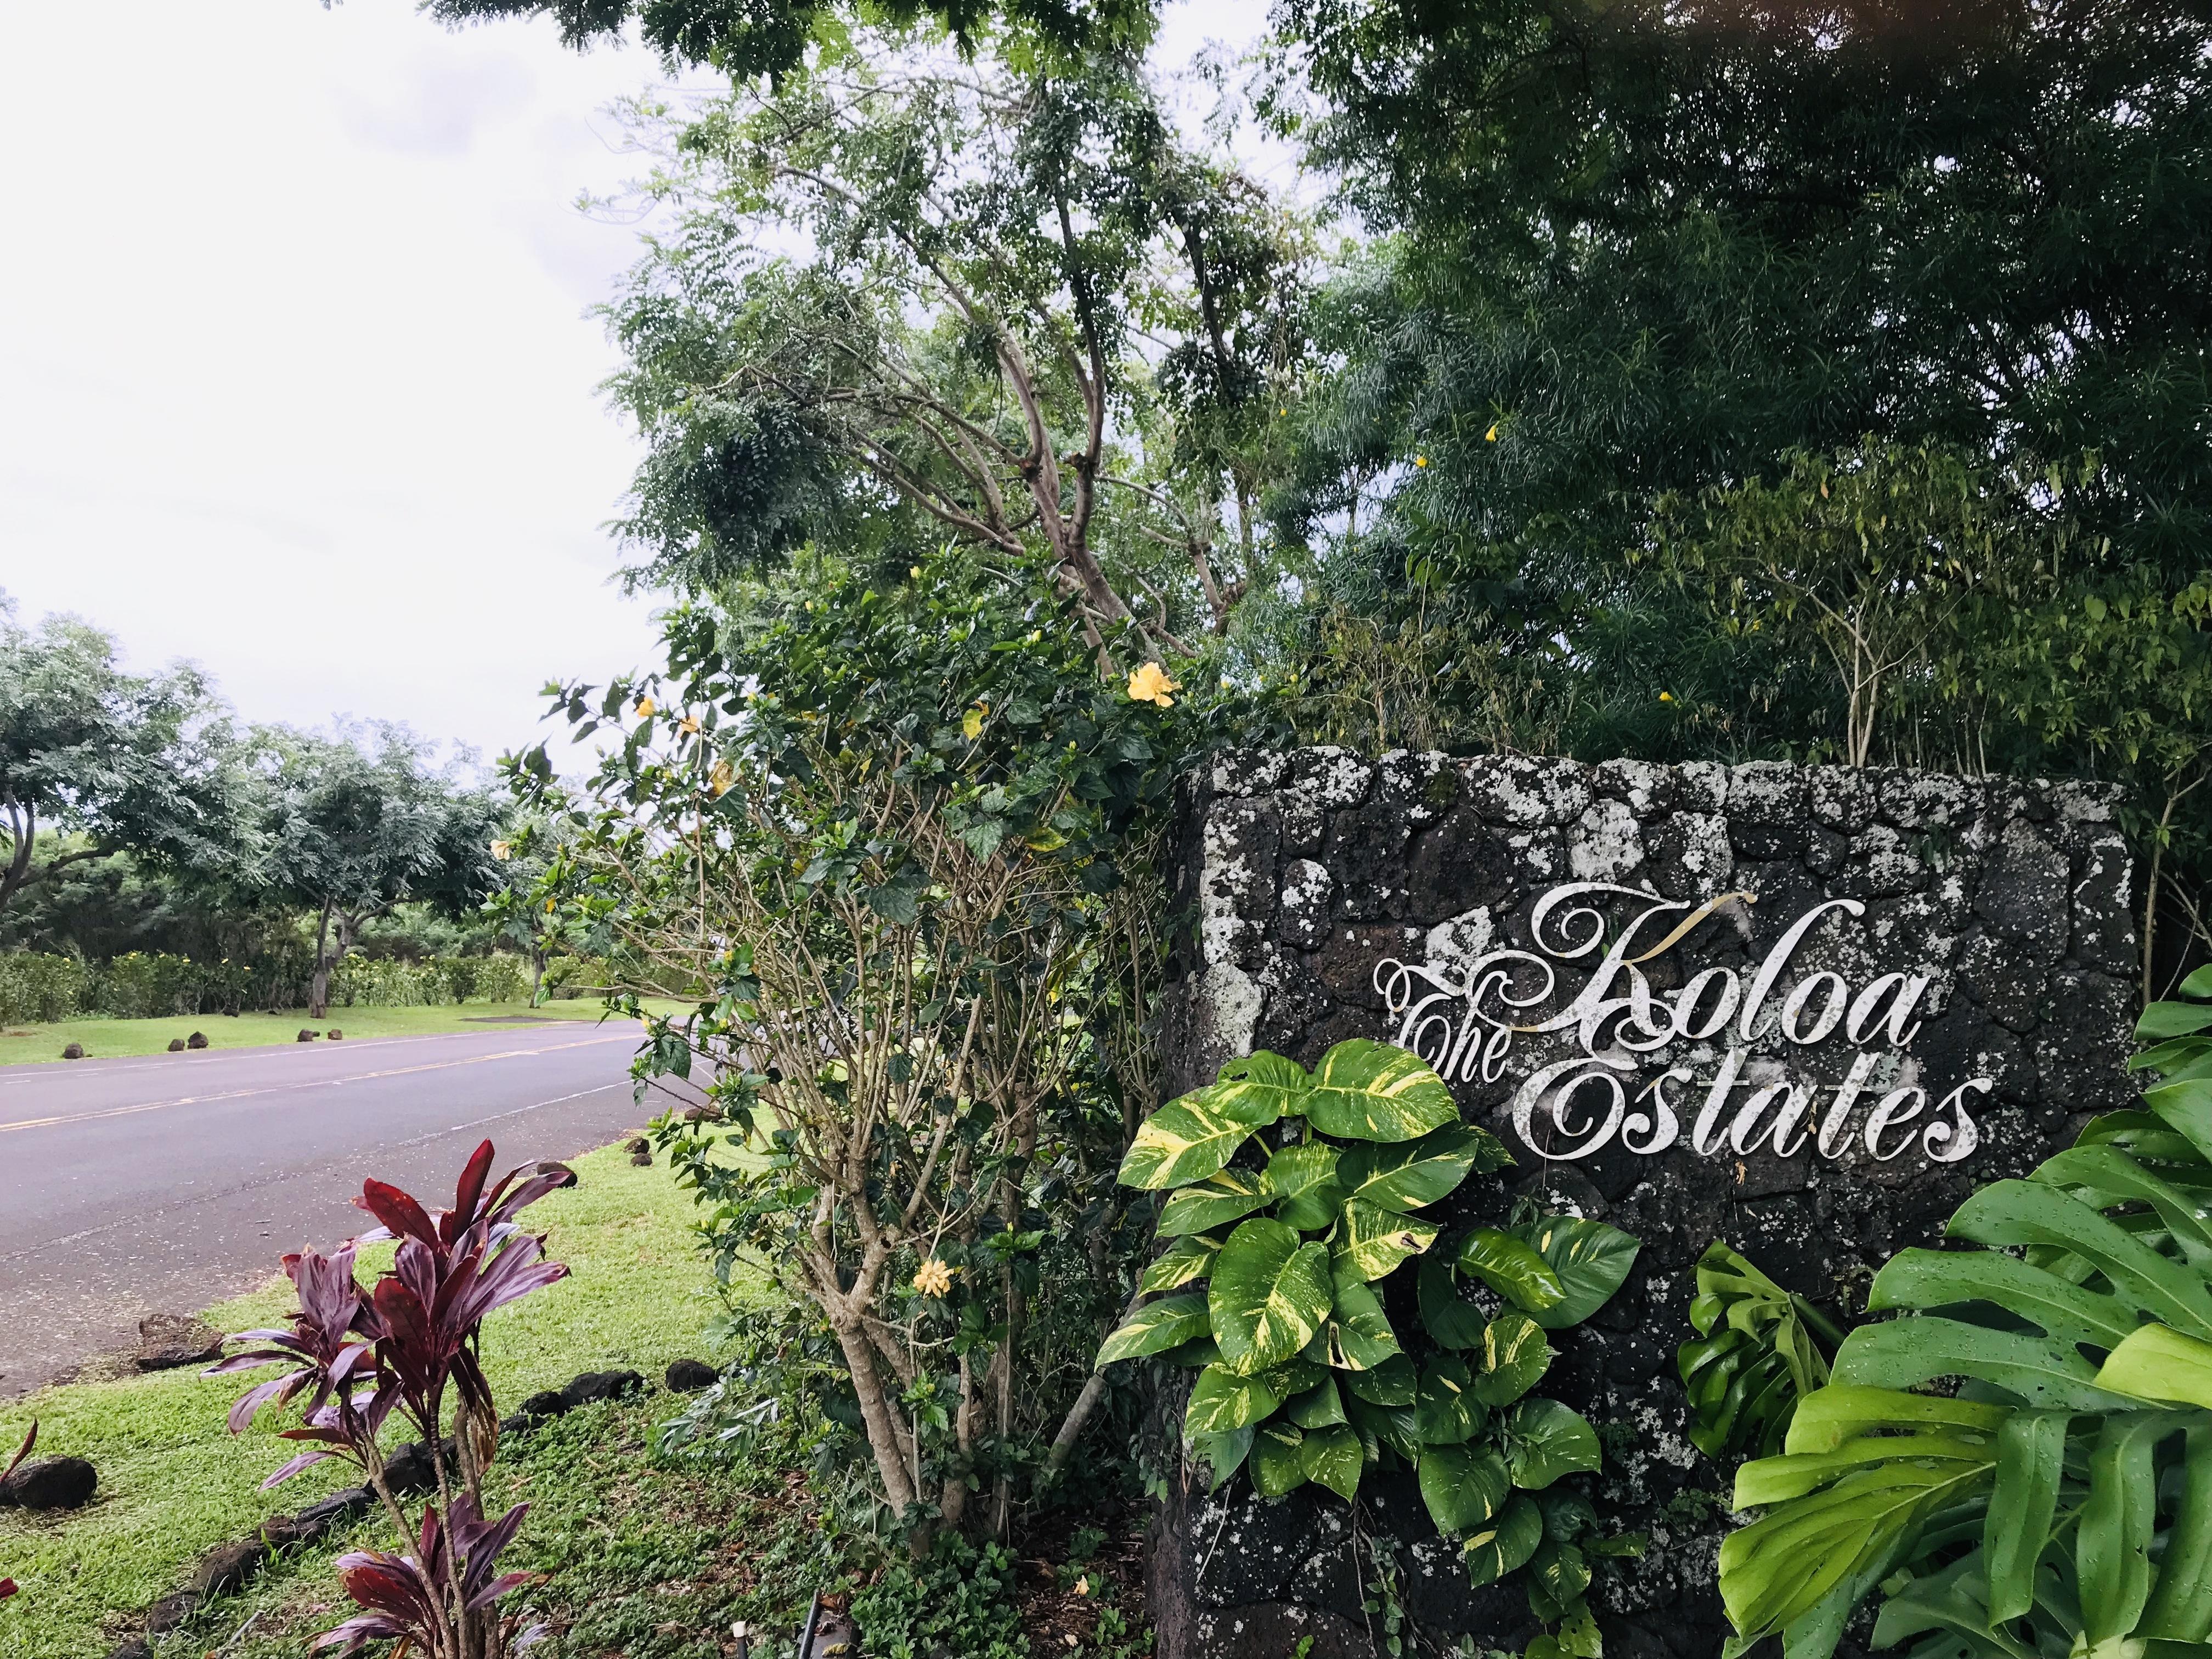 Koloa Estates